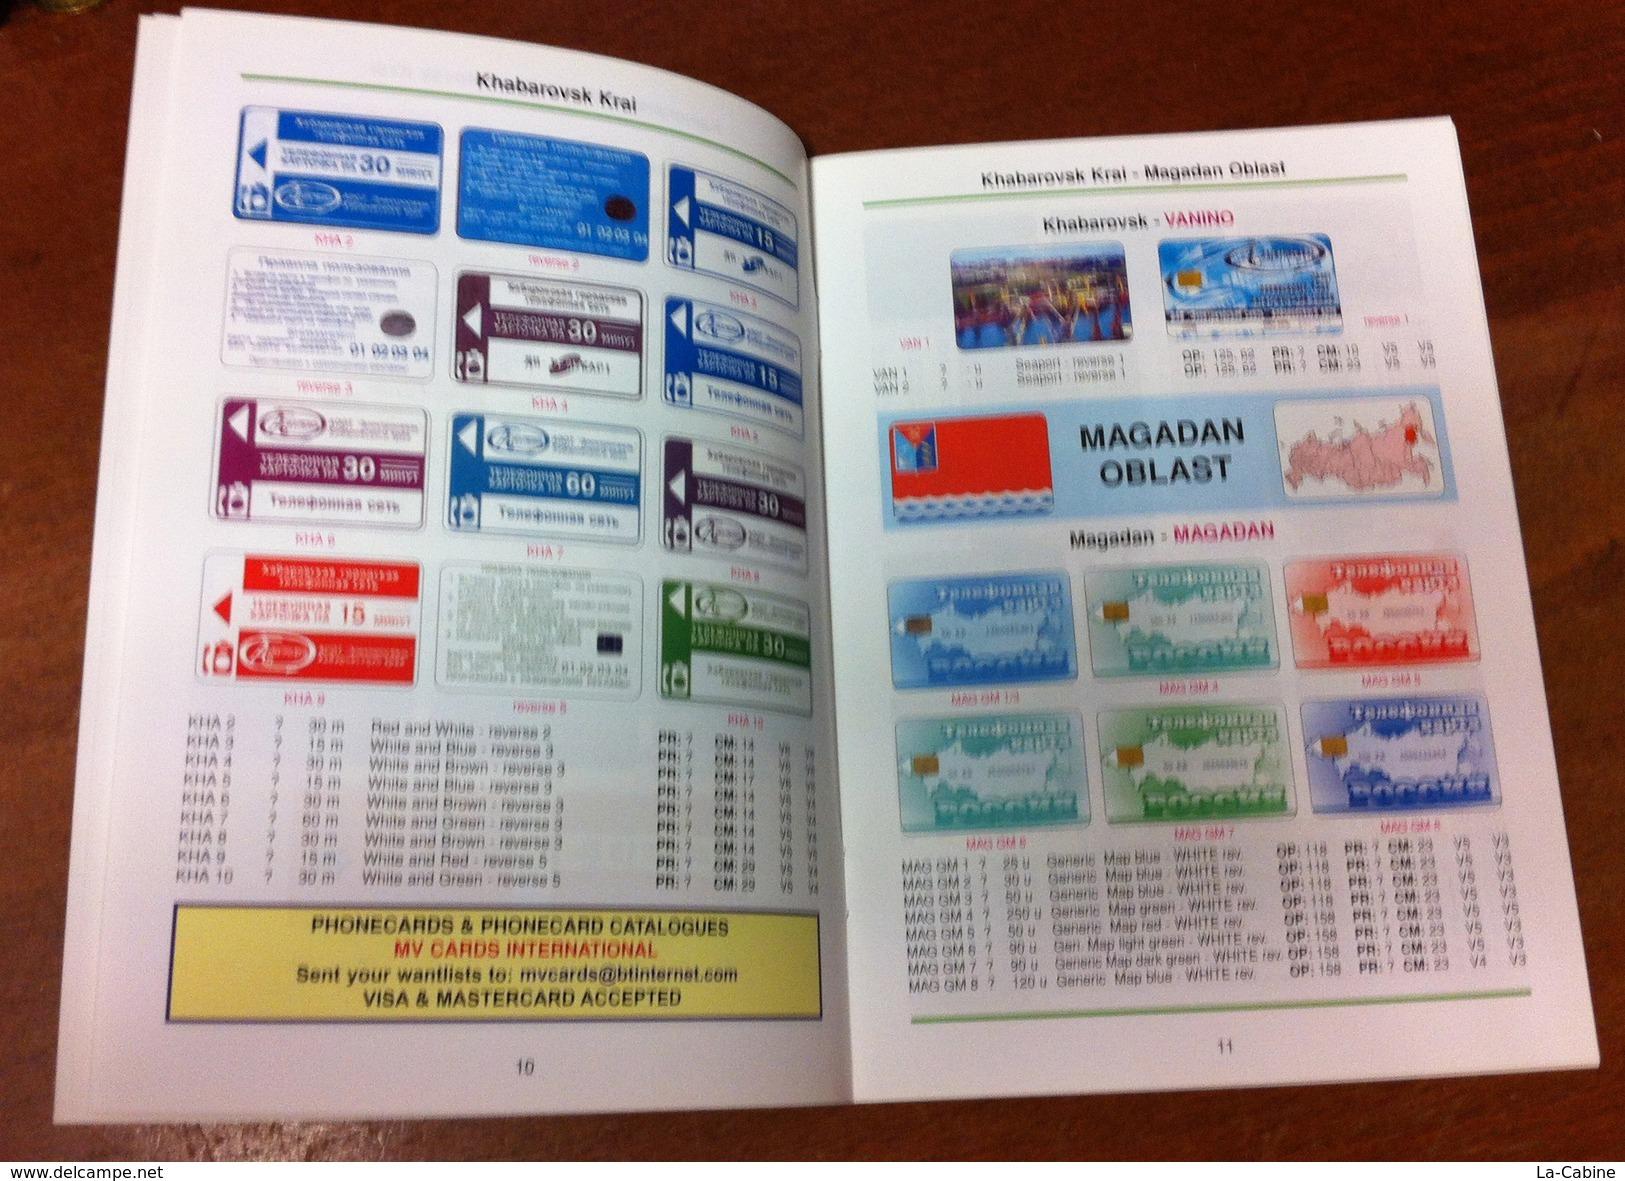 TELECARTE PHONECARD CATALOGUE RUSSIE RUSSIAN SERIES 1 AMUR OBLAST JEWISH AUTONOMOUS OBLAST. DE 2005 EN BON ÉTAT 48 PAGES - Télécartes